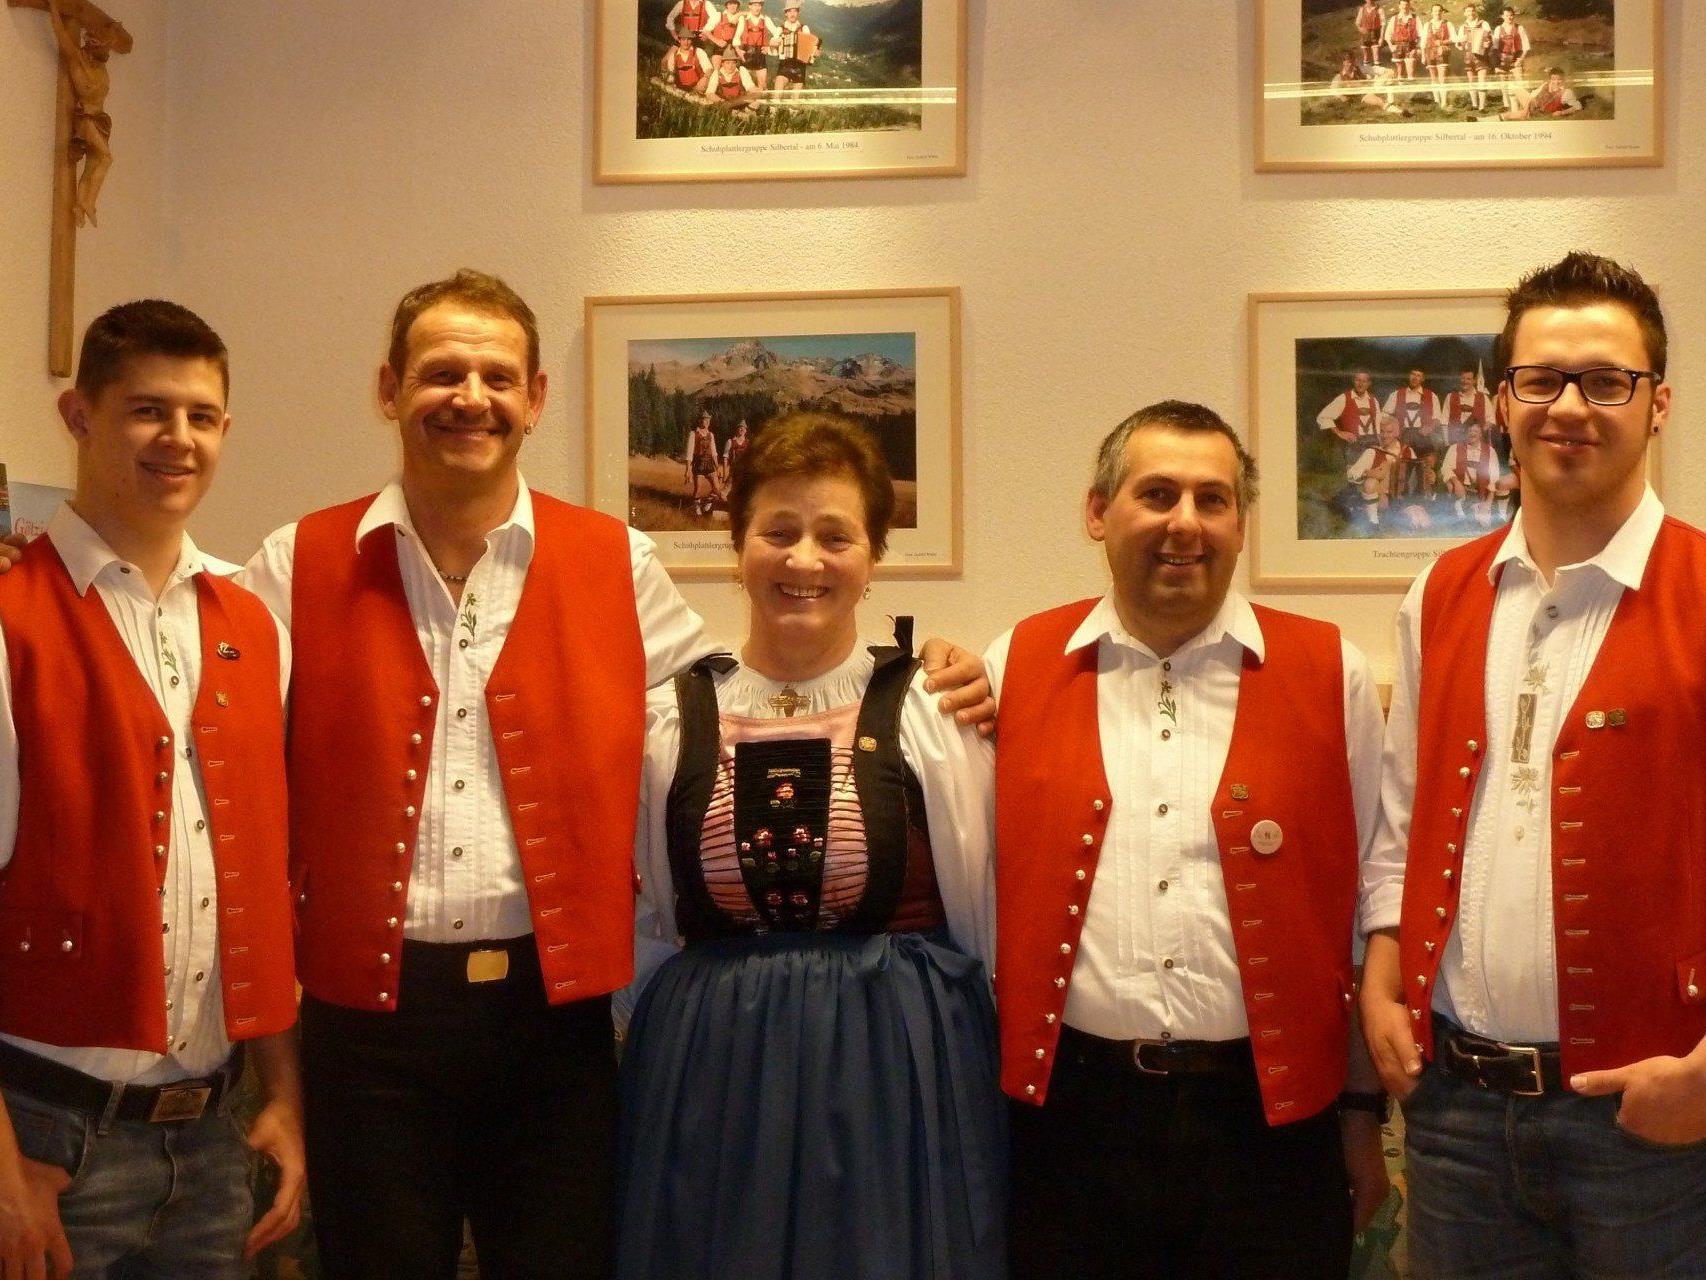 Obmann Vallaster Christoph und die Vereinsmitglieder gratulierten den Jubilaren.